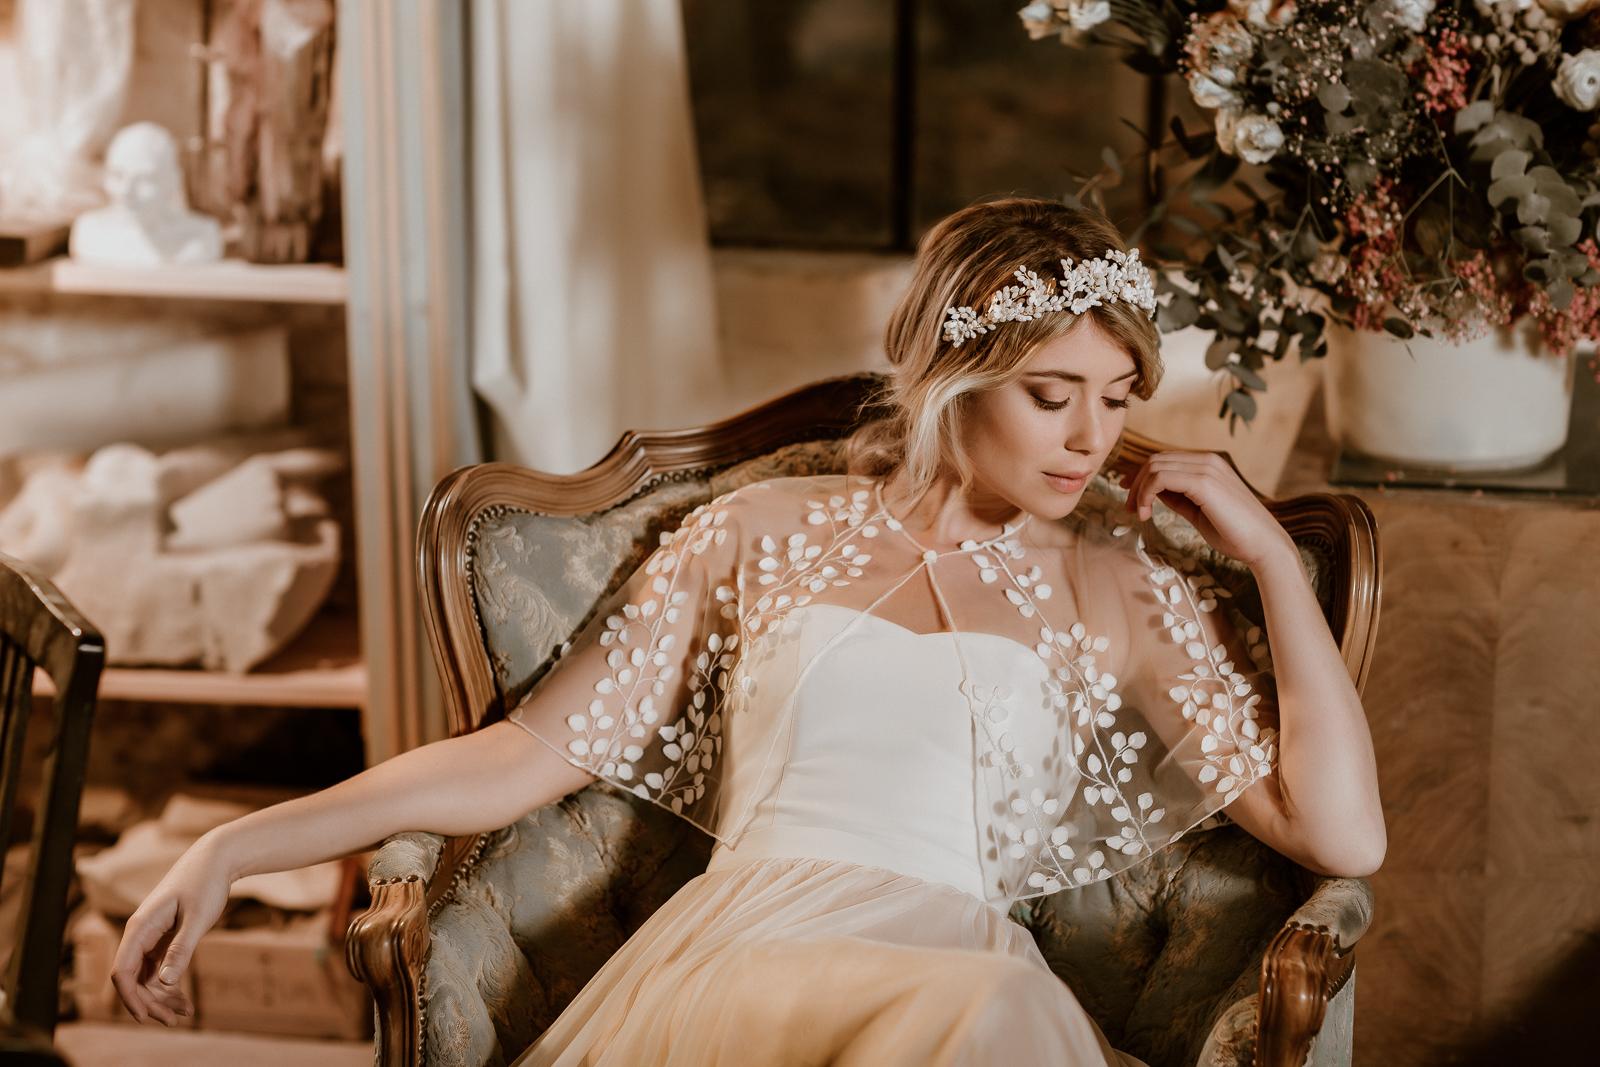 Transparentes Brautcape aus feiner Spitze mit zarten 3D-Blüten, Modell sitzend